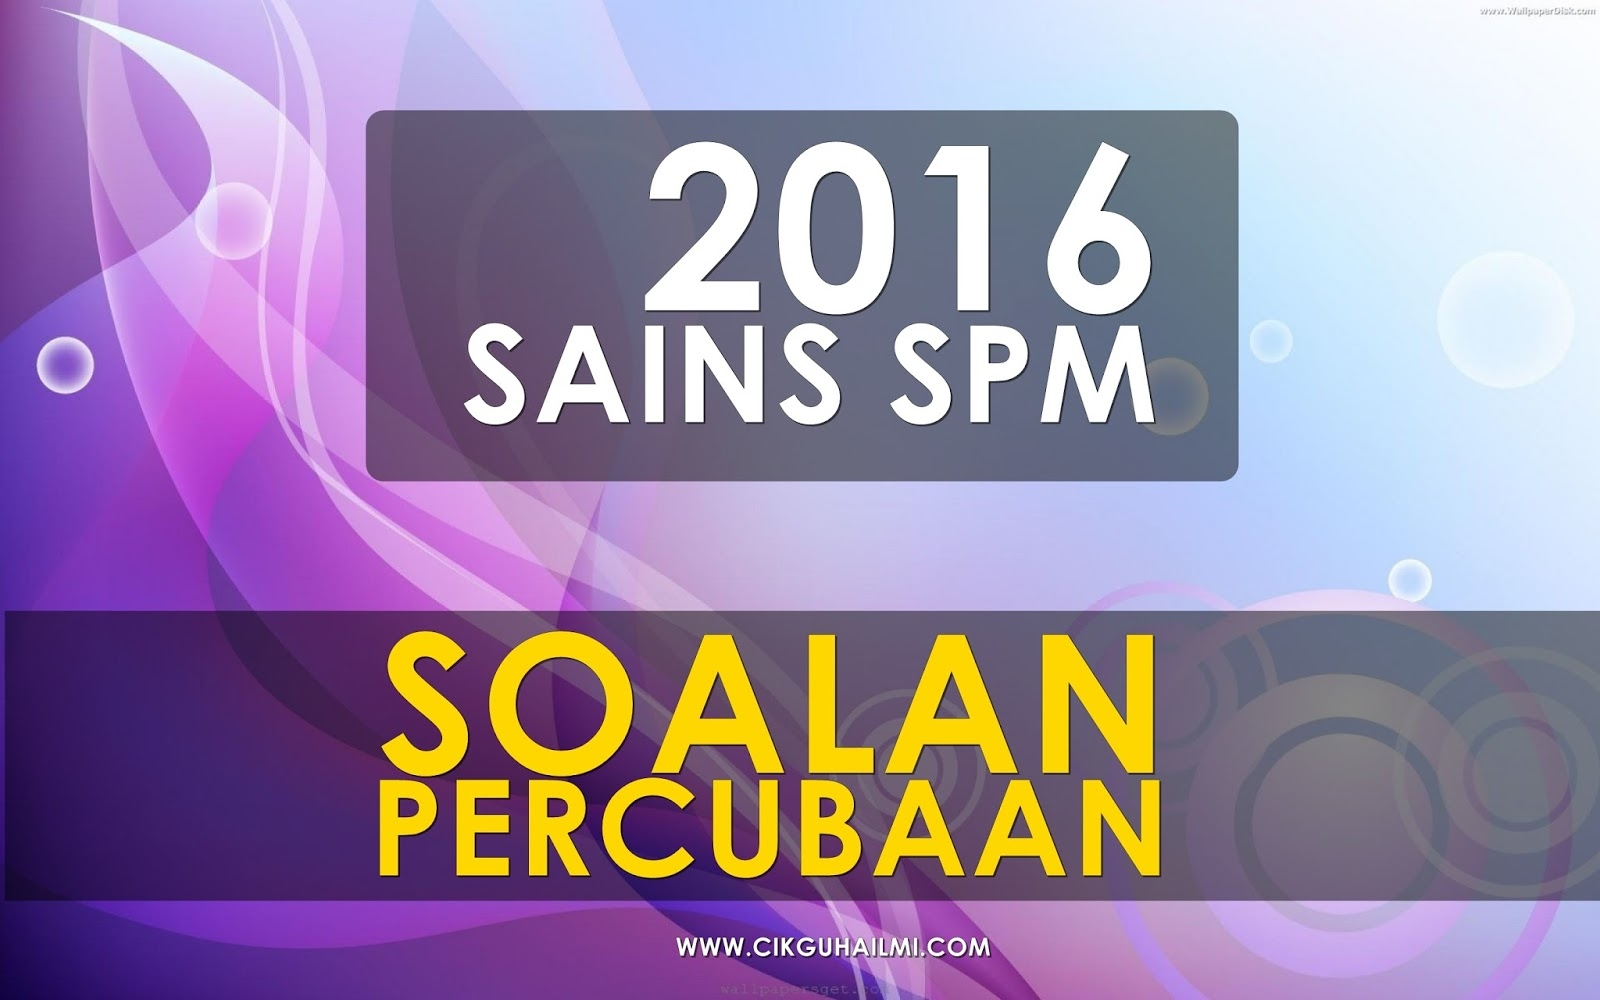 Latihan Sains Spm Bermanfaat Koleksi soalan Percubaan Sains Spm 2016 Cikguhailmi Of Dapatkan Latihan Sains Spm Yang Terbaik Khas Untuk Para Guru Muat Turun!